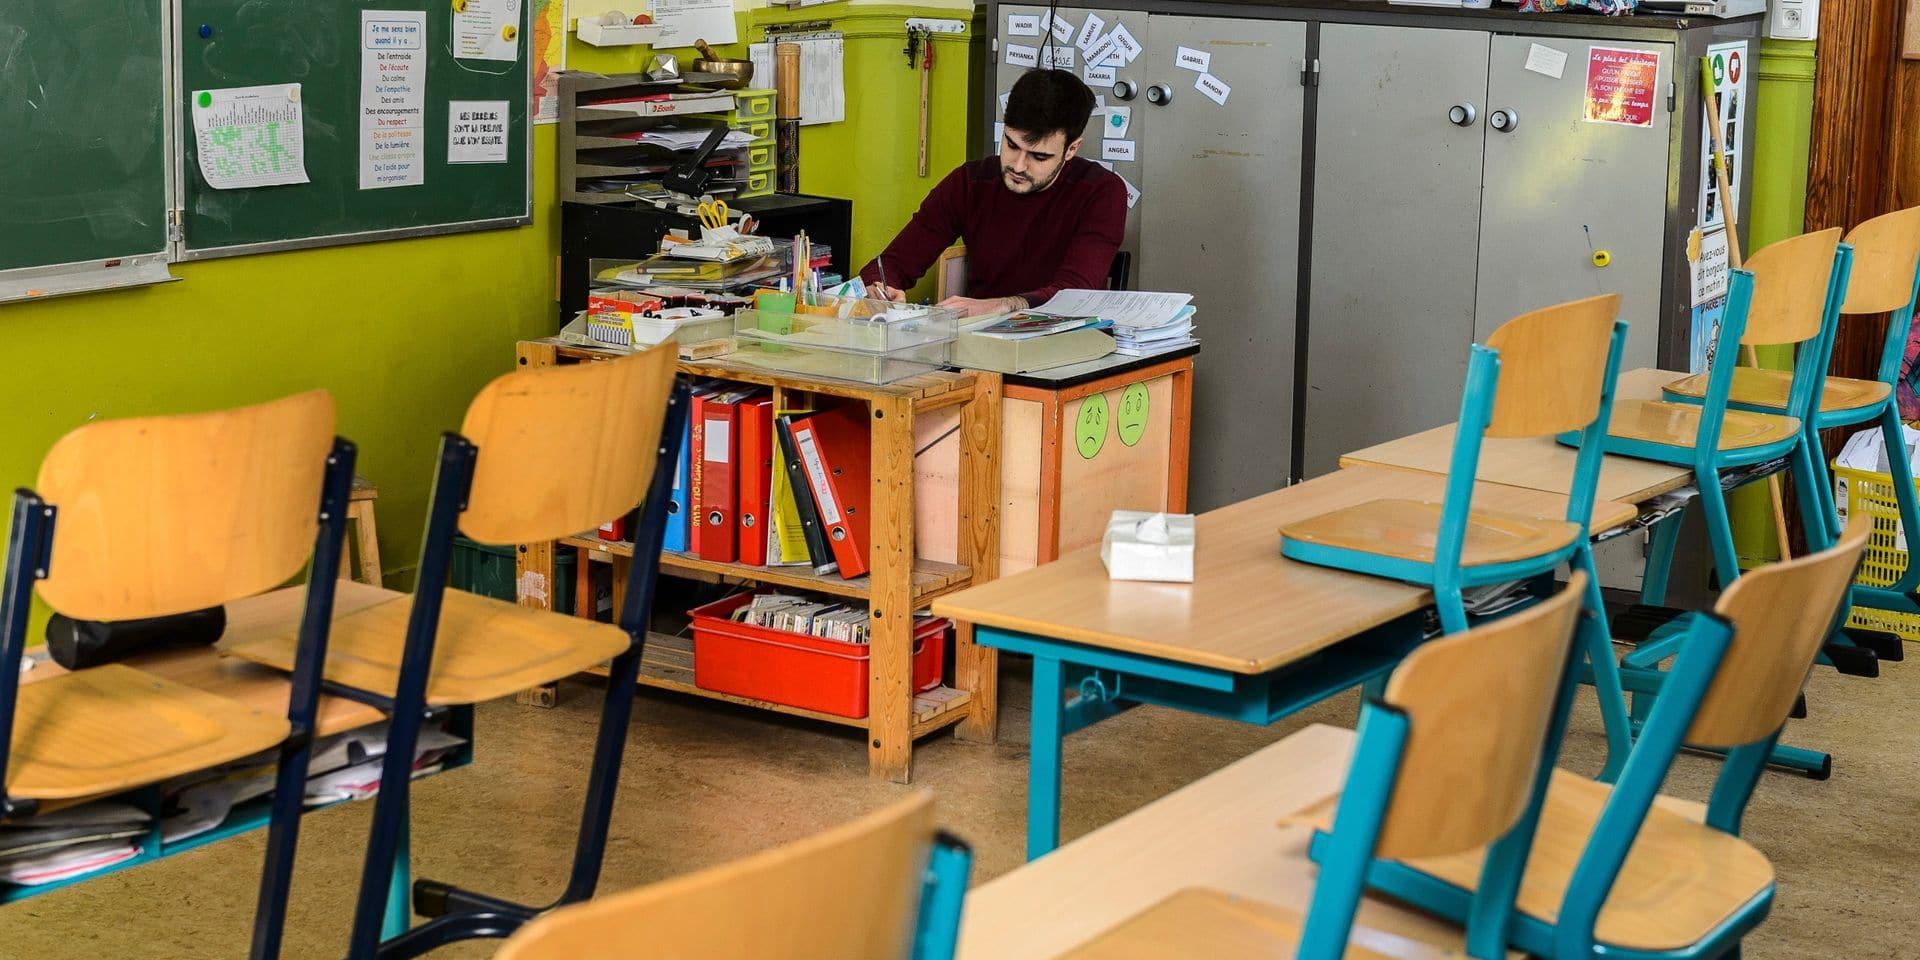 """""""Chaos"""", """"Grandes craintes"""": les mesures pour l'enseignement présentées par Sophie Wilmès ne font pas l'unanimité"""